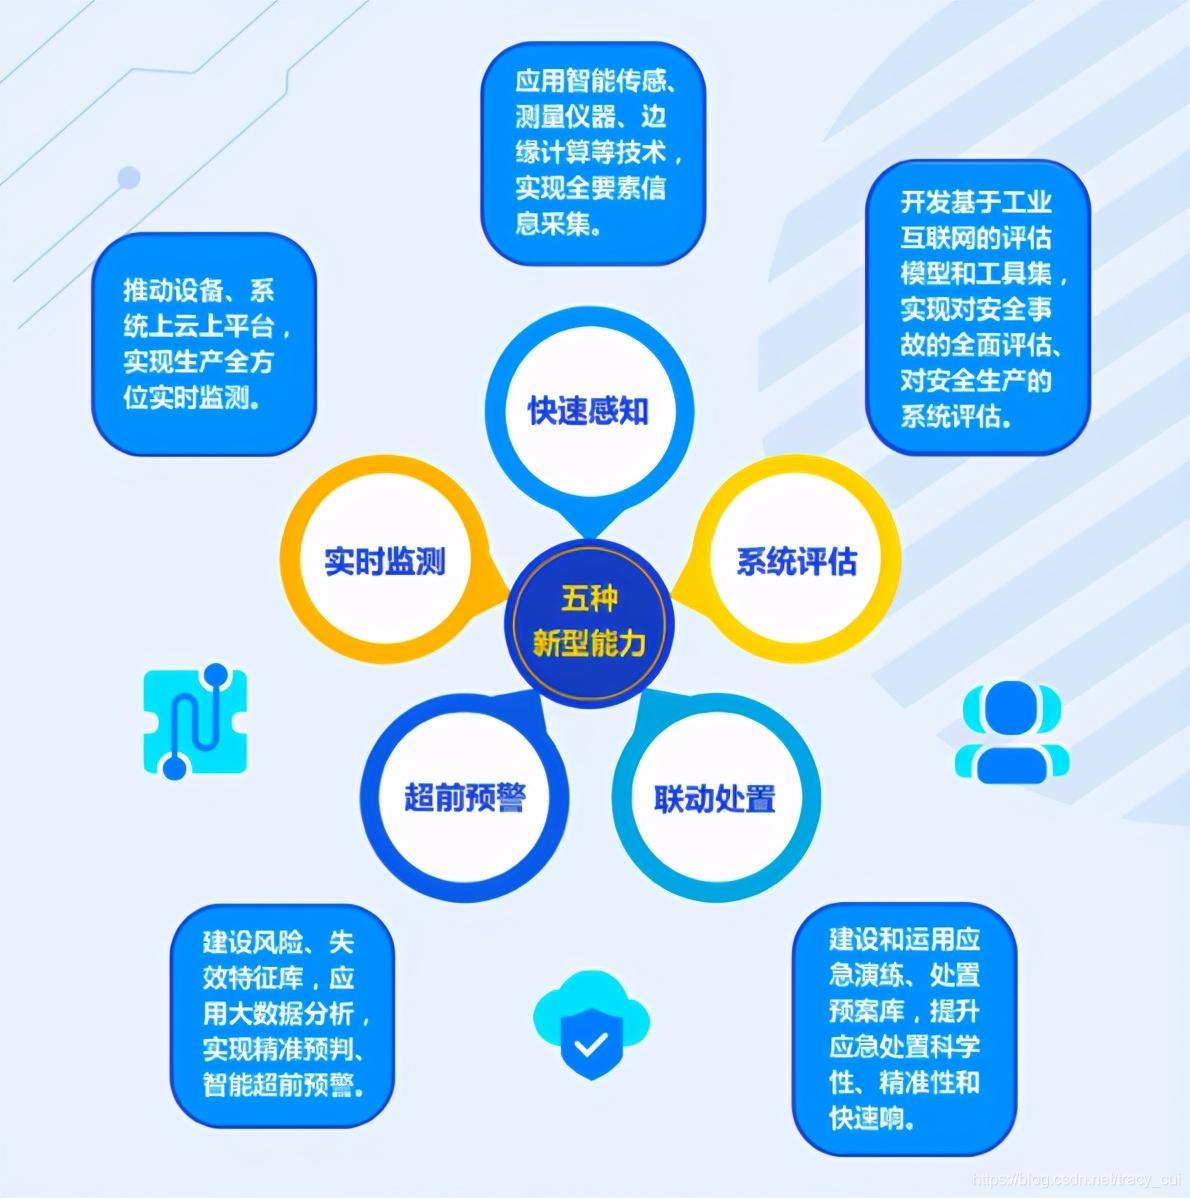 工业互联网平台建设硬核能力